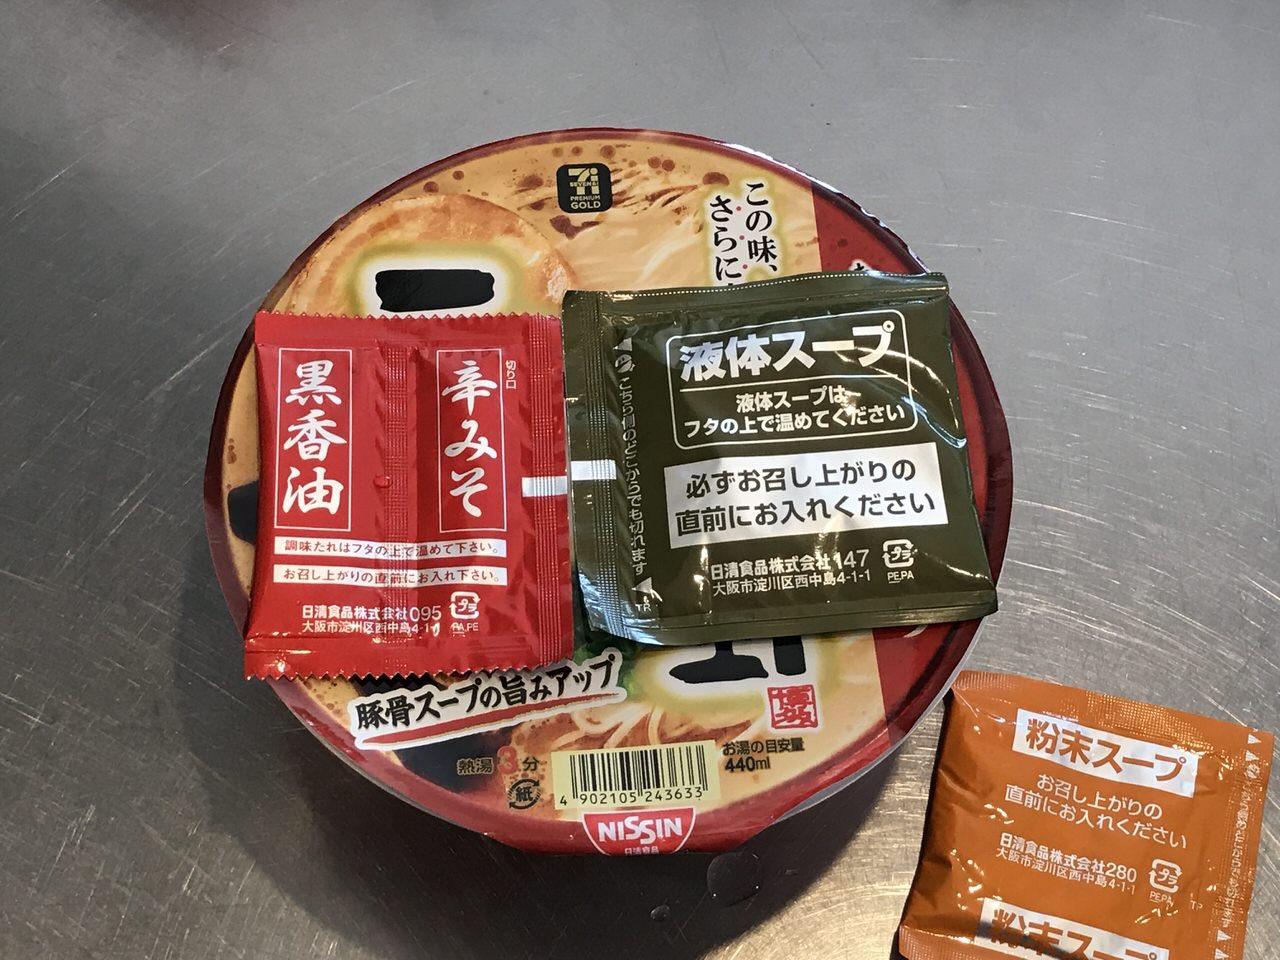 【セブンイレブン】「一風堂 赤丸新味博多とんこつ」6